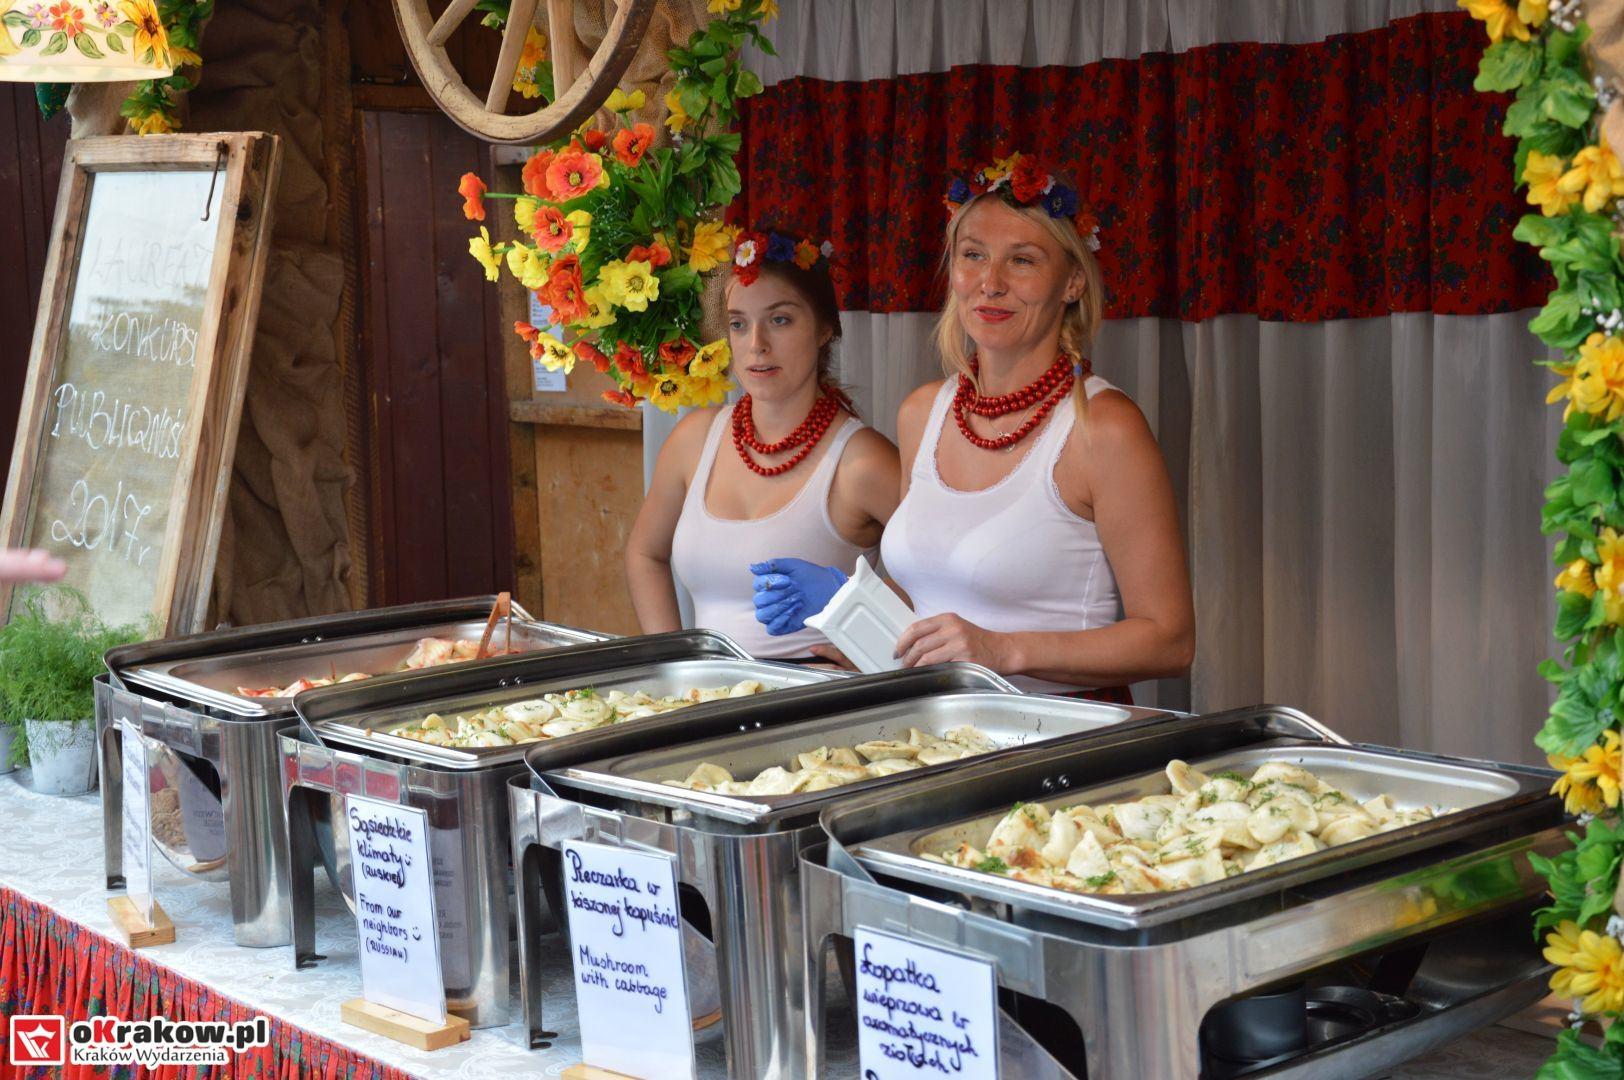 krakow festiwal pierogow maly rynek koncert cheap tobacco 59 150x150 - Galeria zdjęć Festiwal Pierogów Kraków 2018 + zdjęcia z koncertu Cheap Tobacco